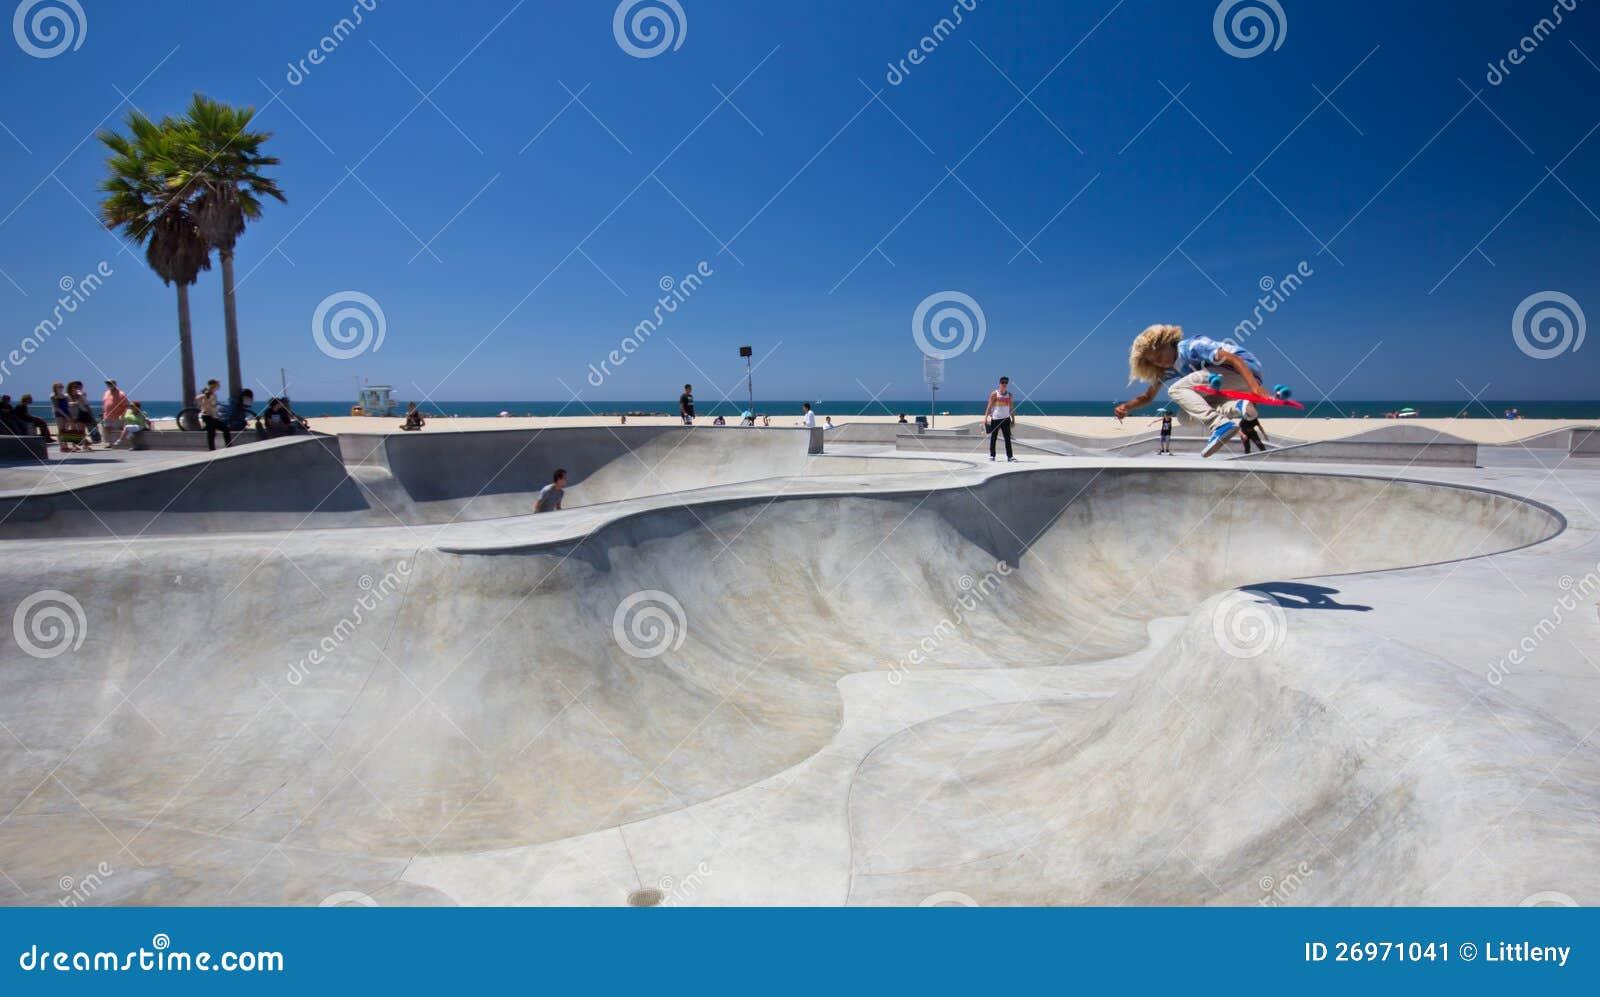 Safety Park Venice Beach